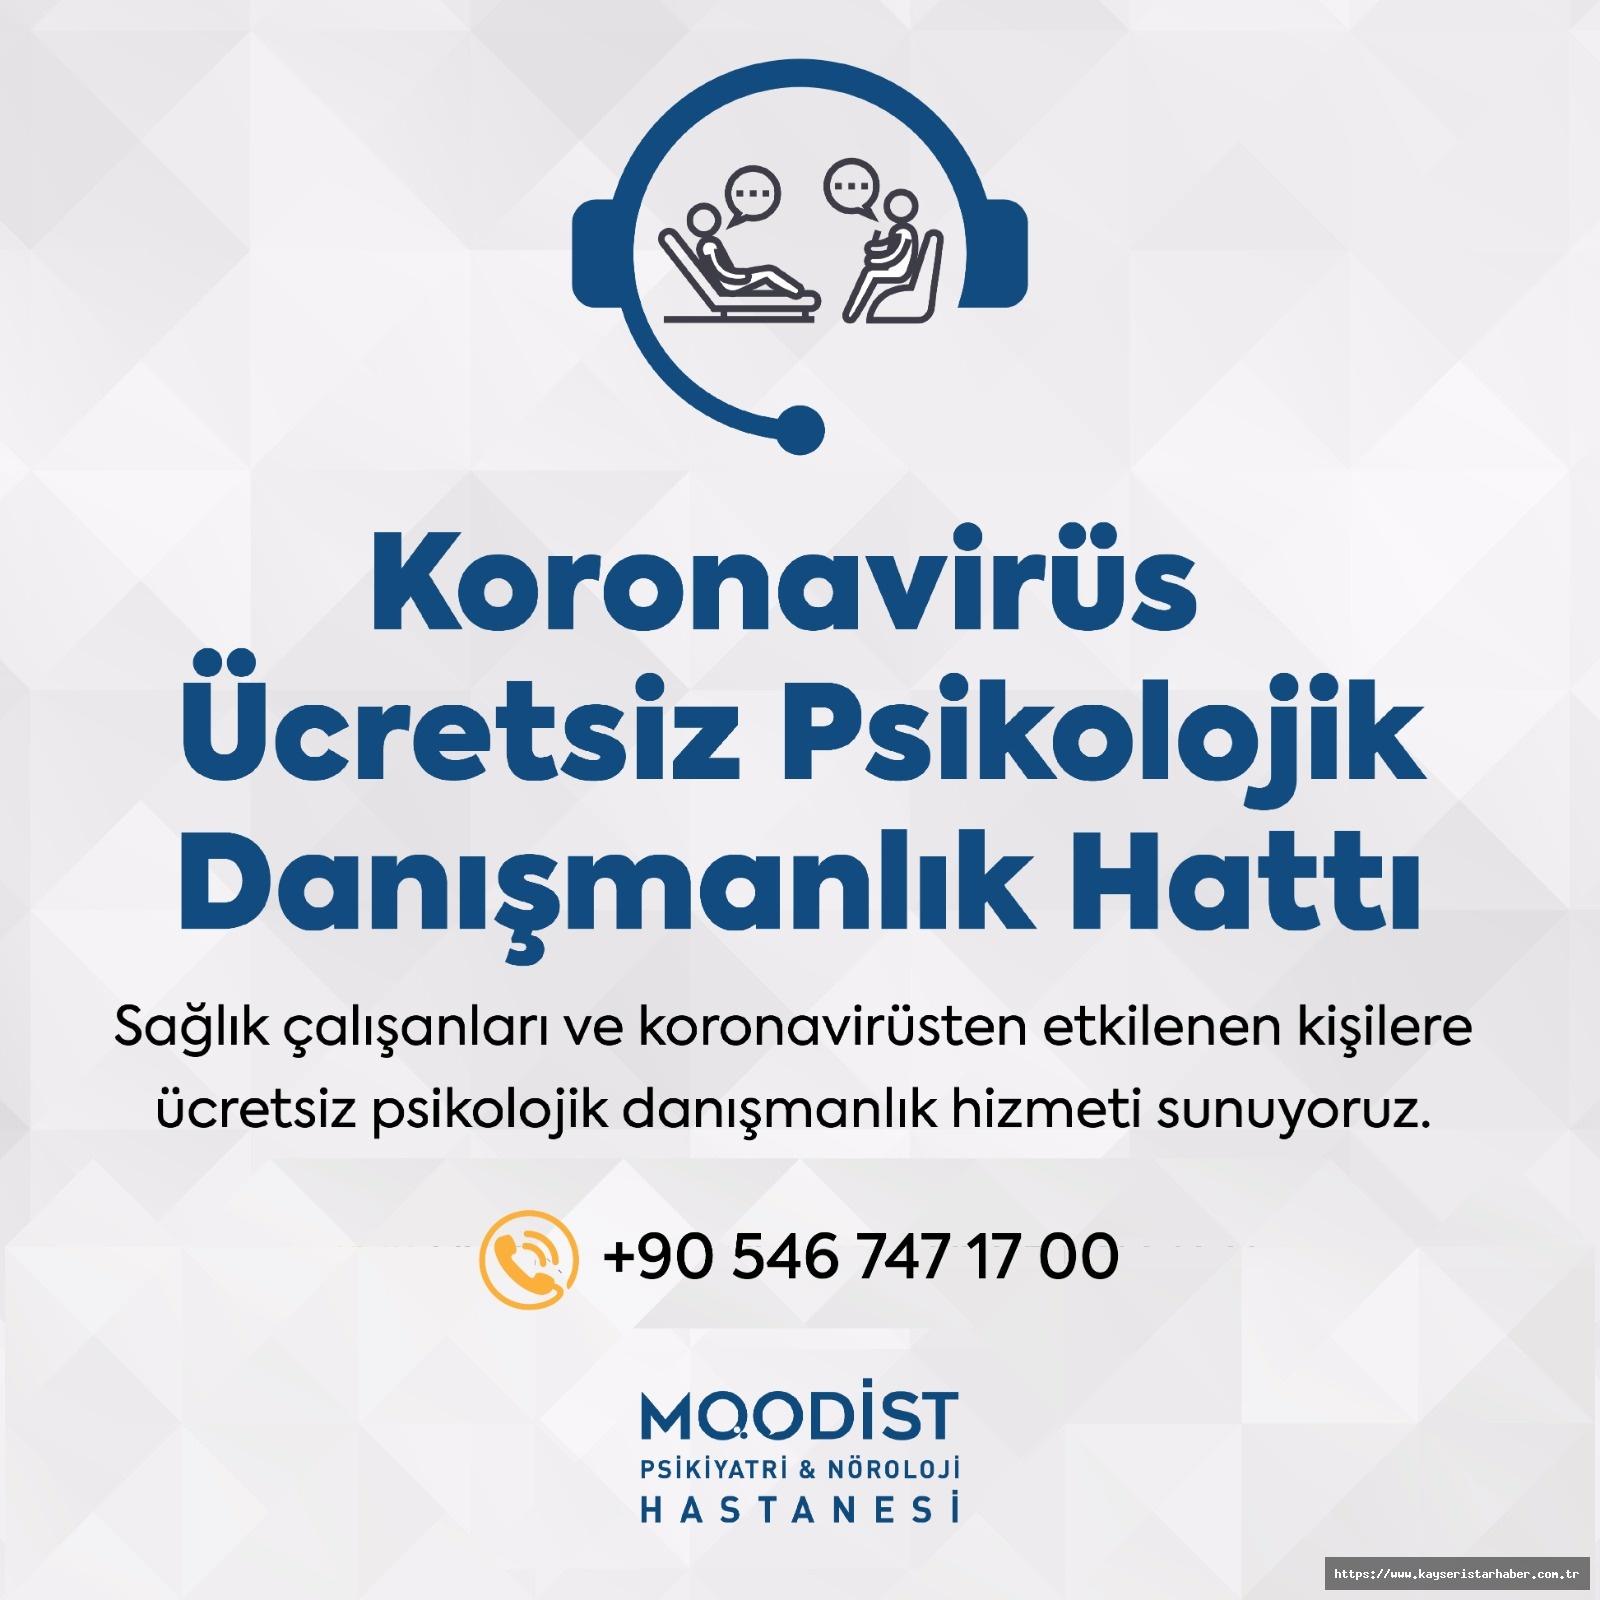 Moodist'ten Koronavirüs Ücretsiz Psikolojik Danışmanlık Hattı